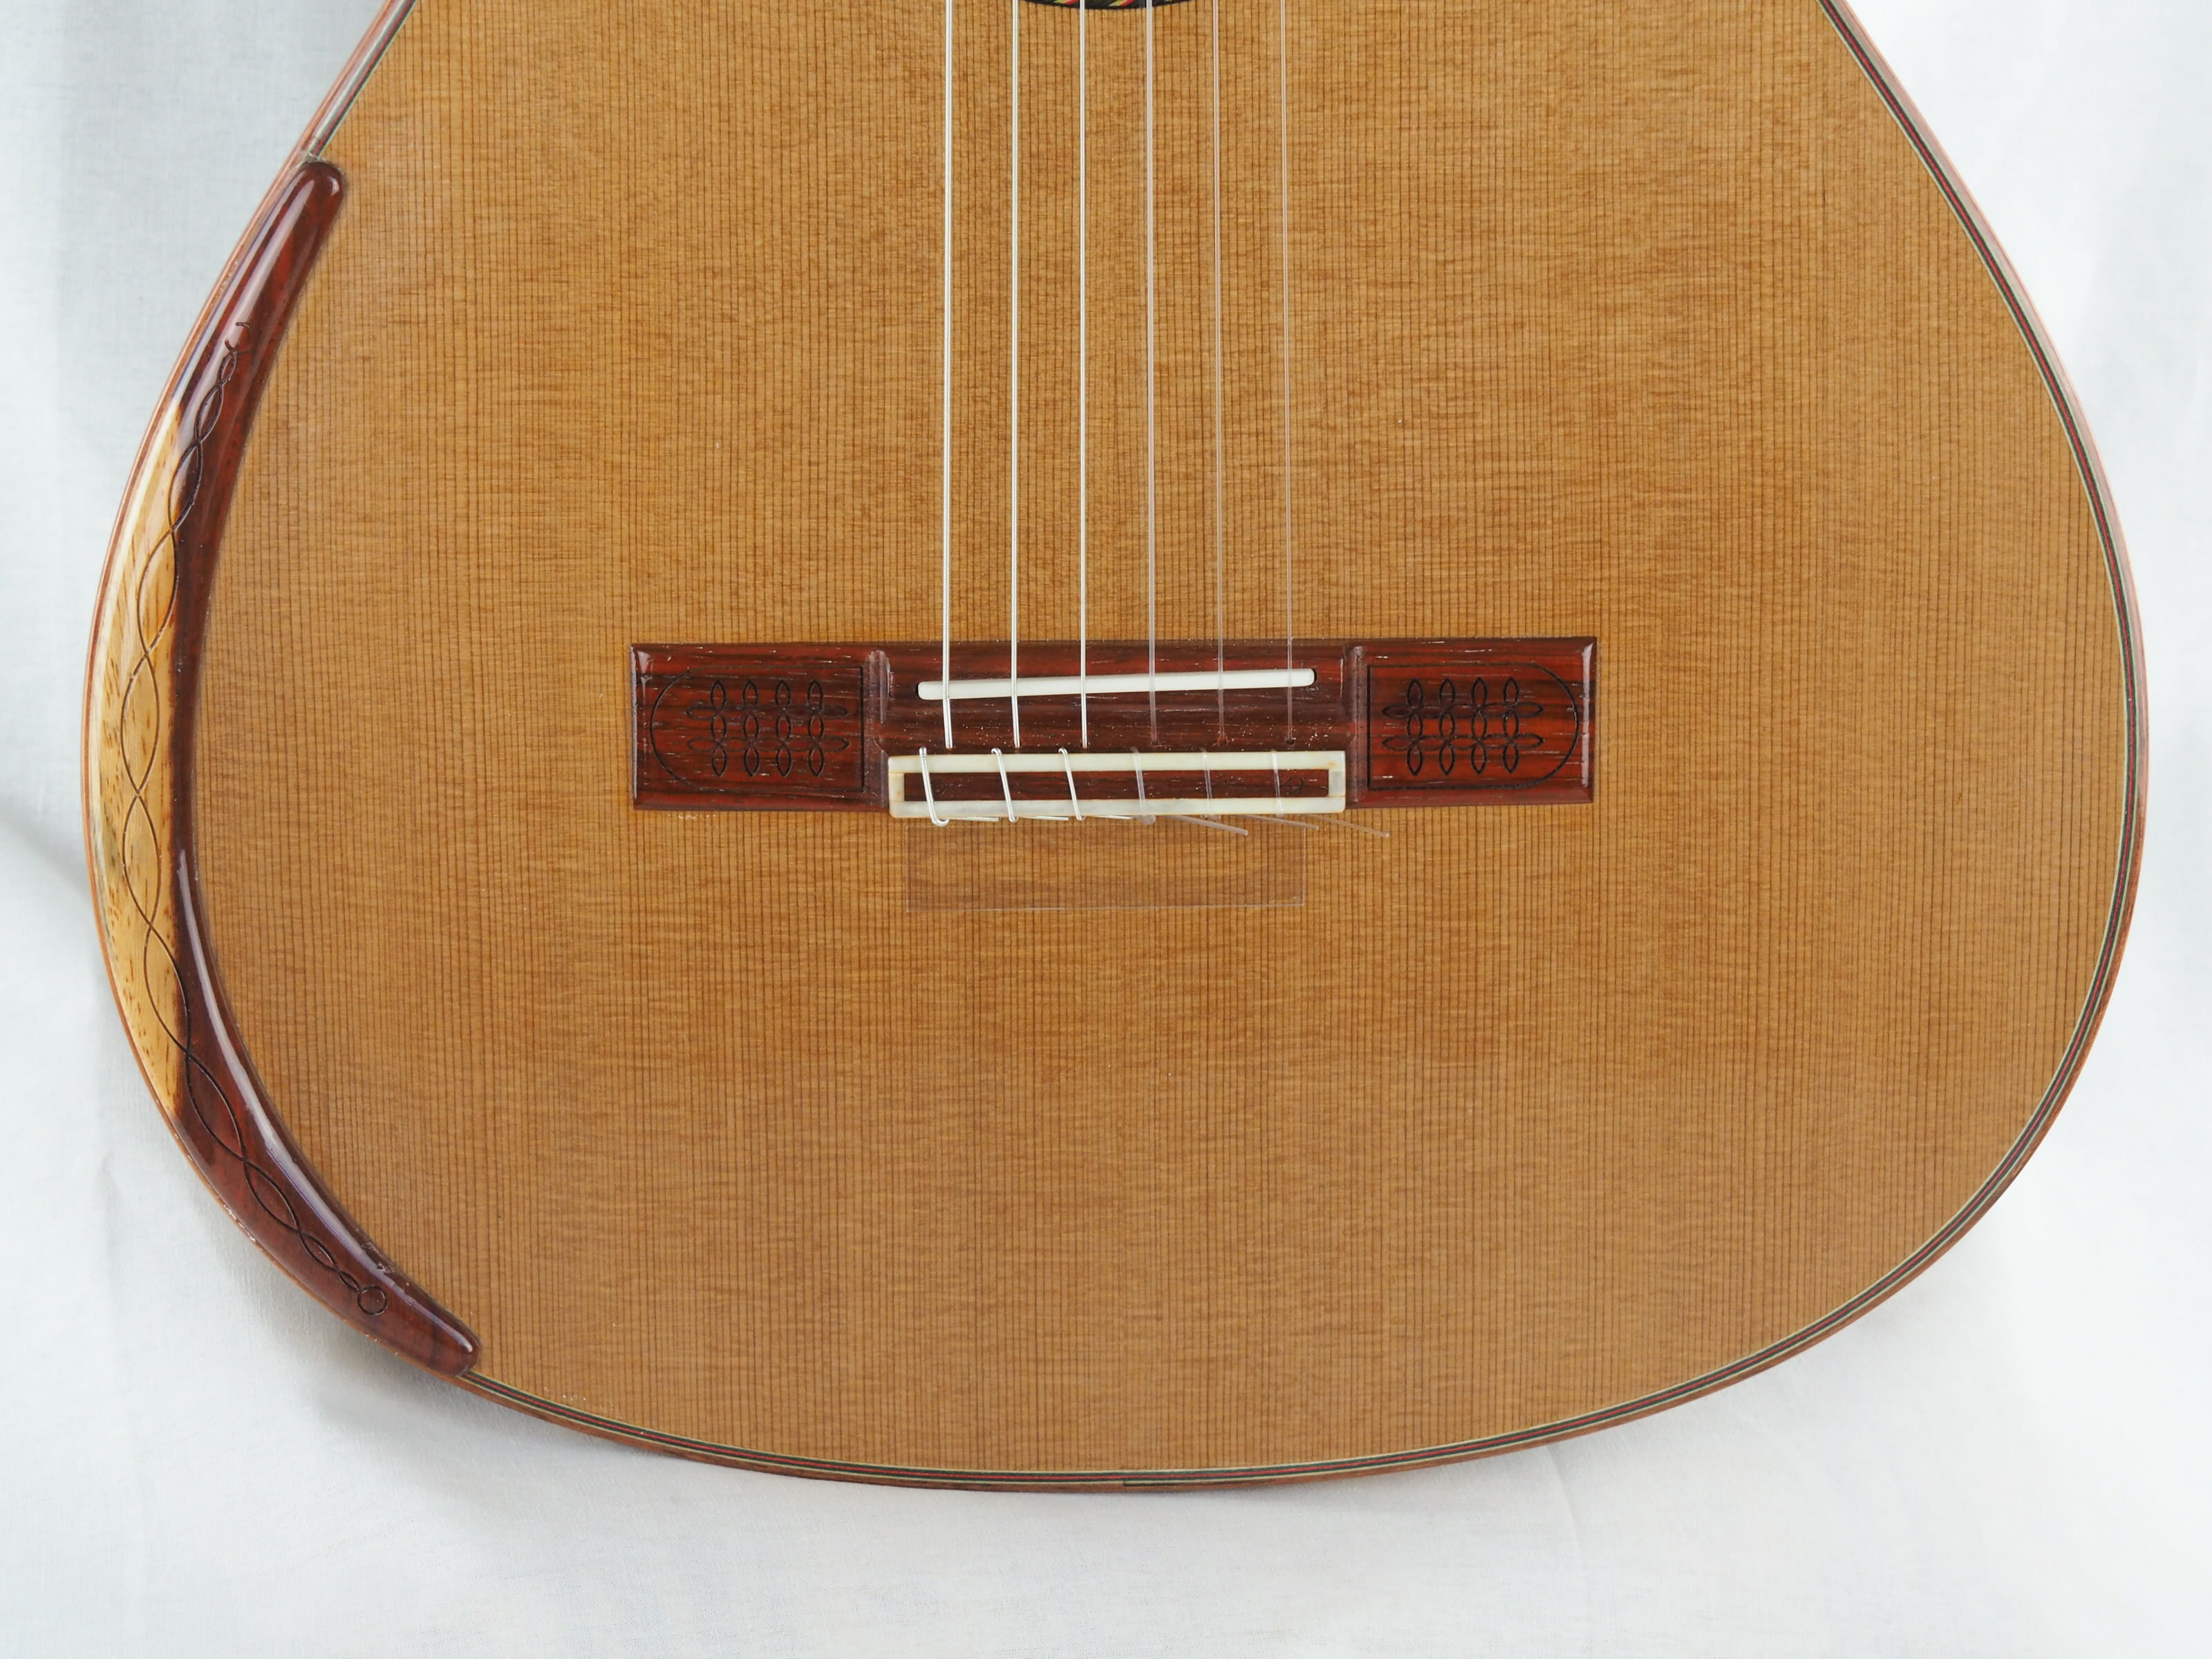 Luthier Vasilis Vasileiadis guitare classique no. 19VAS156-07